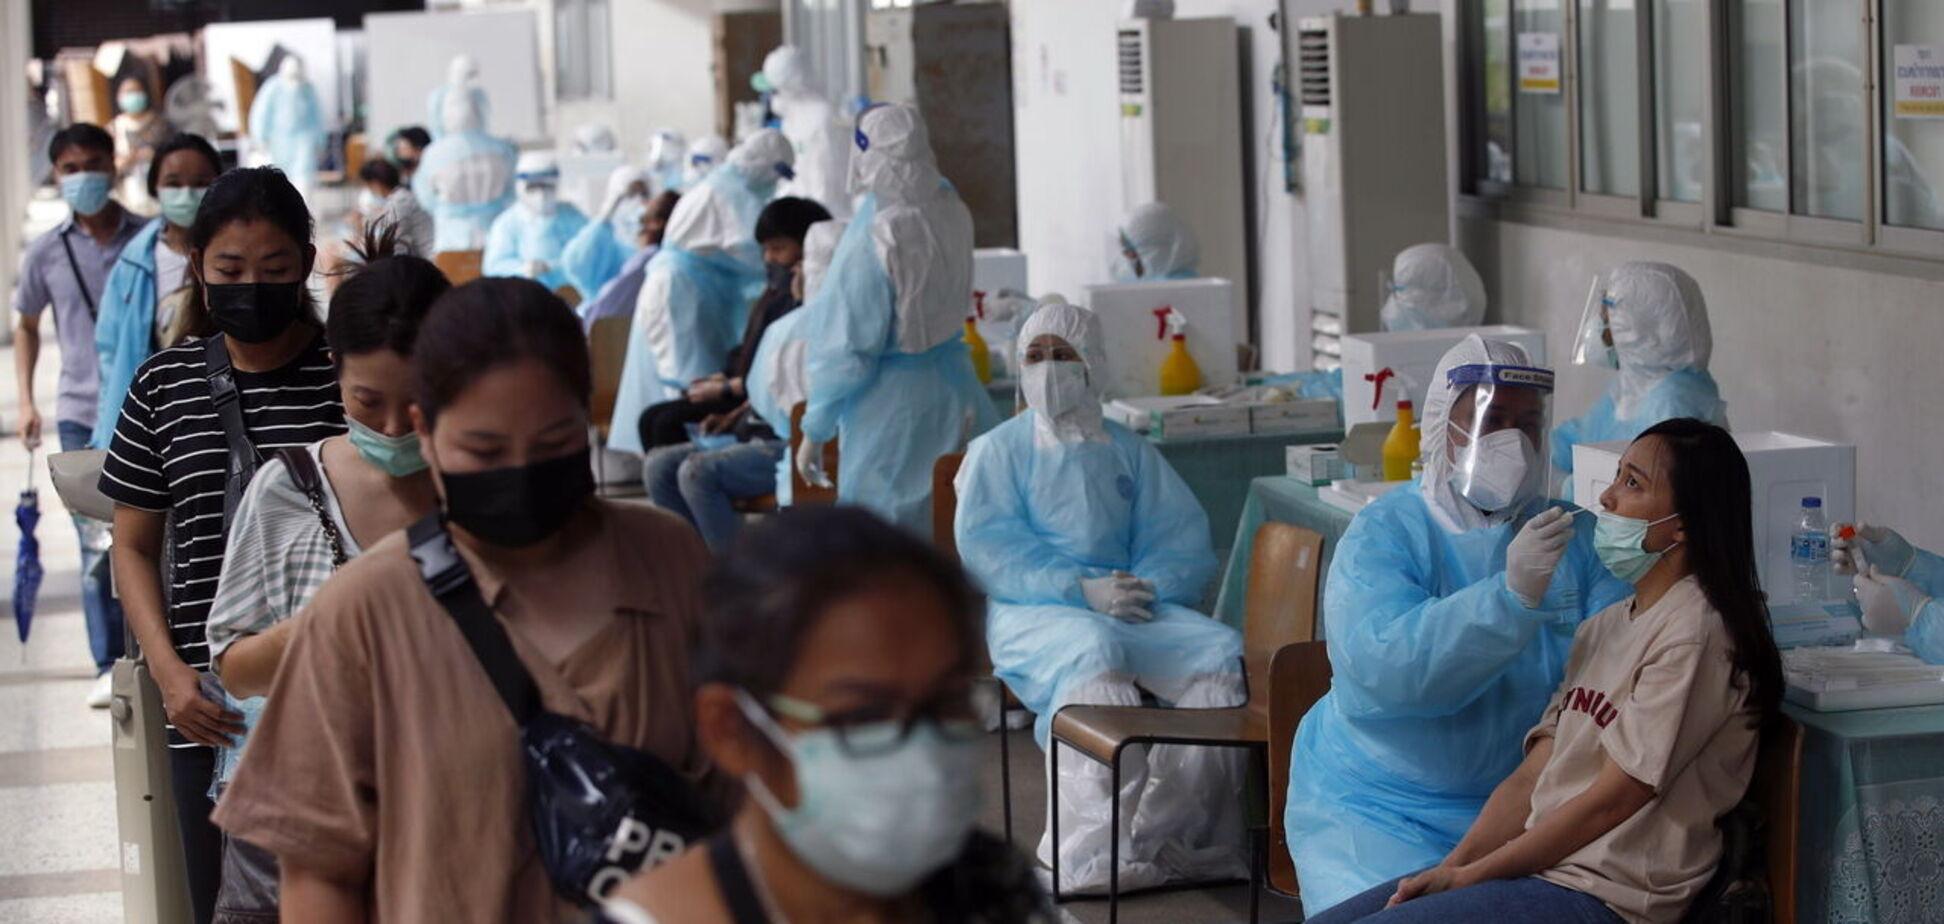 Хаотична вакцинація: чи зачепить паніка з приводу ефективності CoronaVac Україну